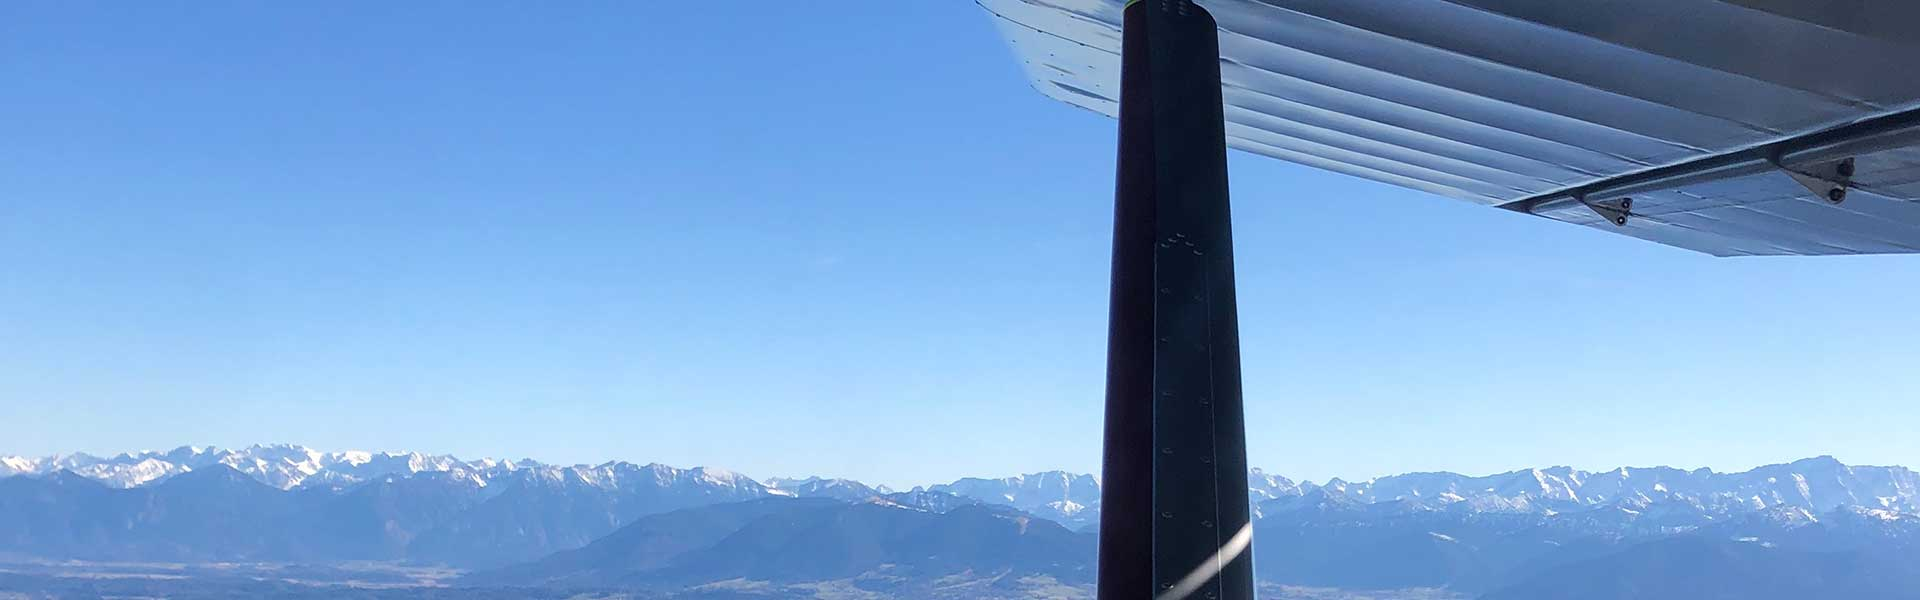 Flug-Informationen zum Rundflug Bayern mit dem Ultraleichtflugzeug